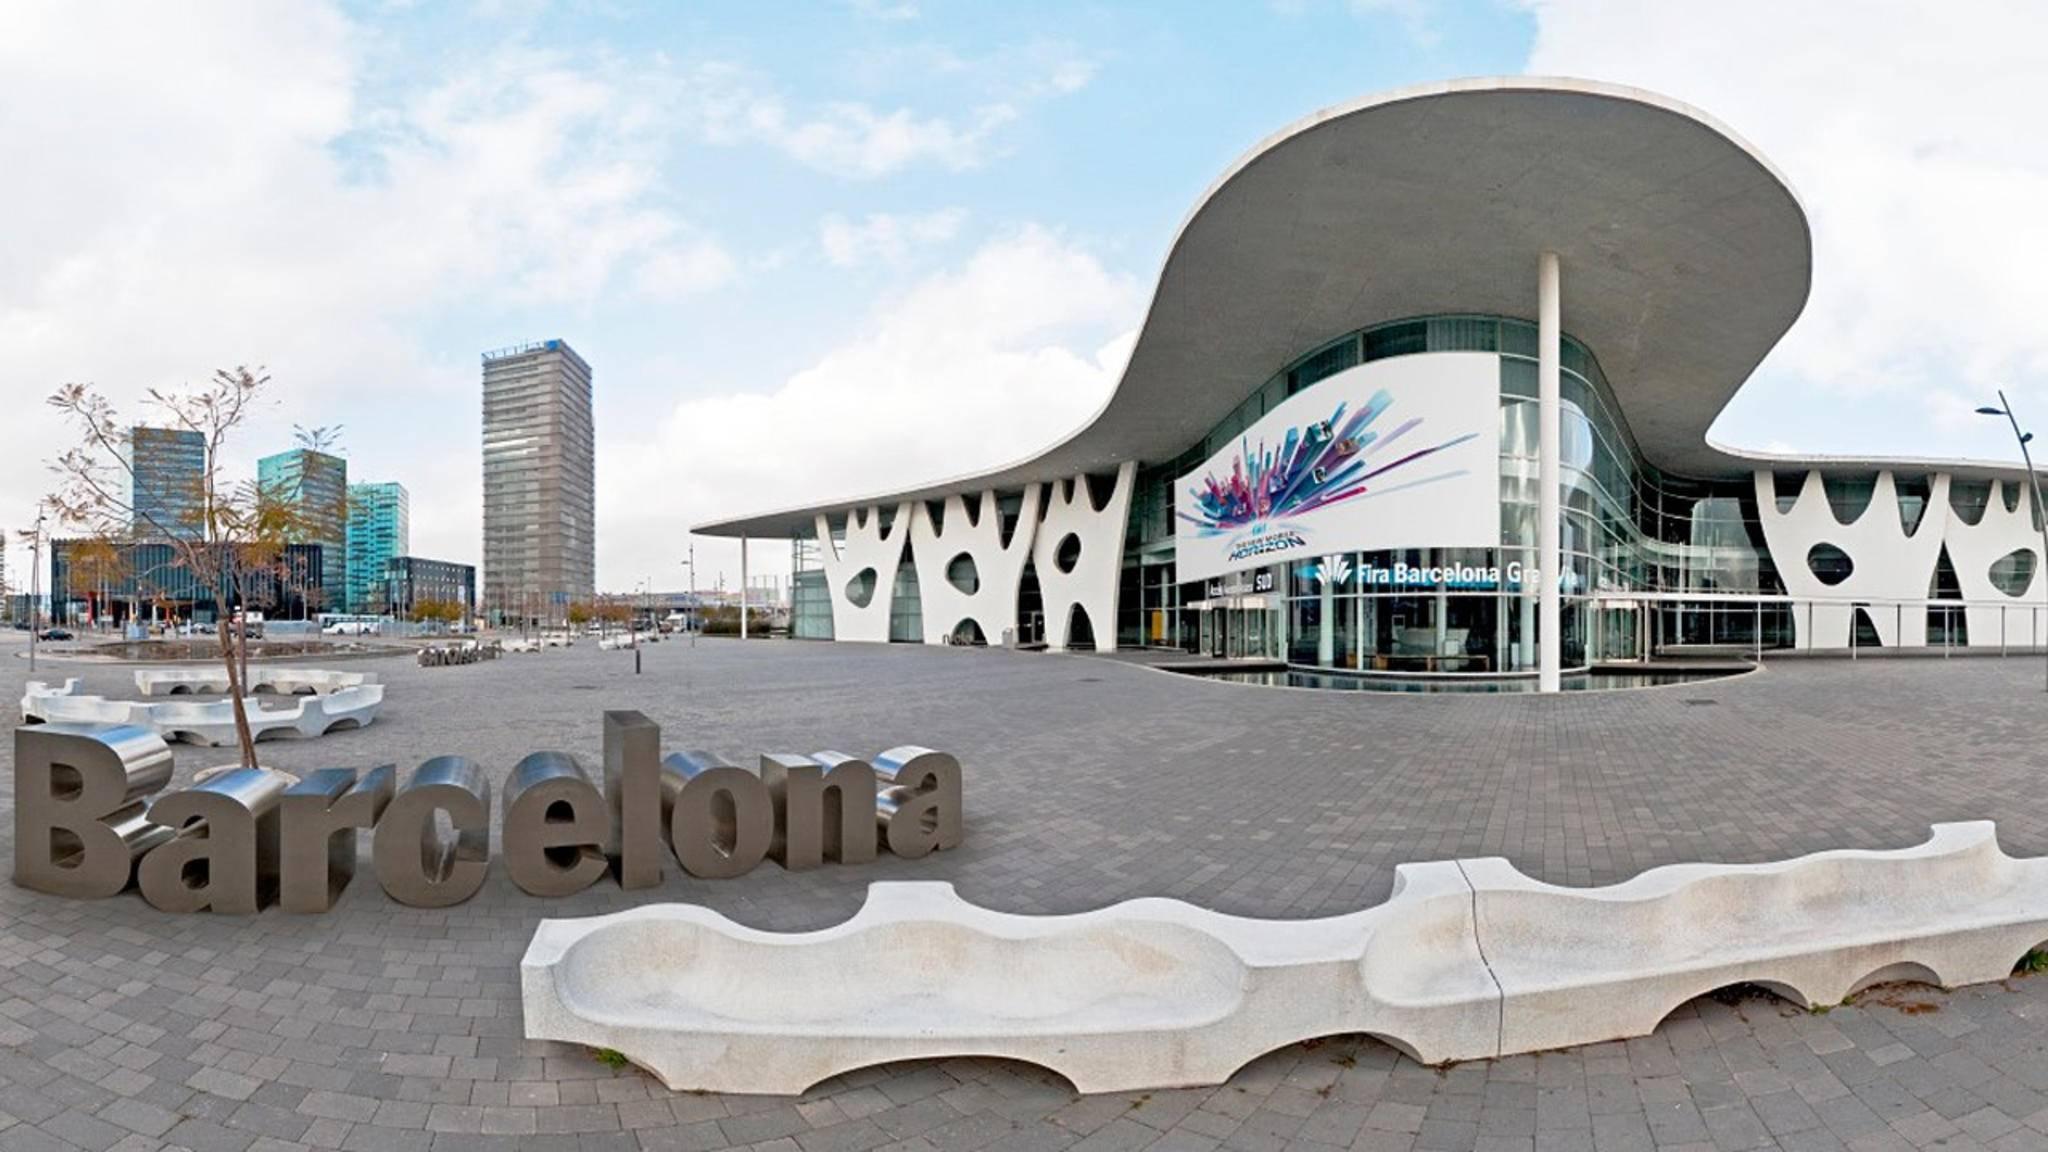 Der Mobile World Congress findet in diesem Jahr vom 25. bis 28. Februar statt.